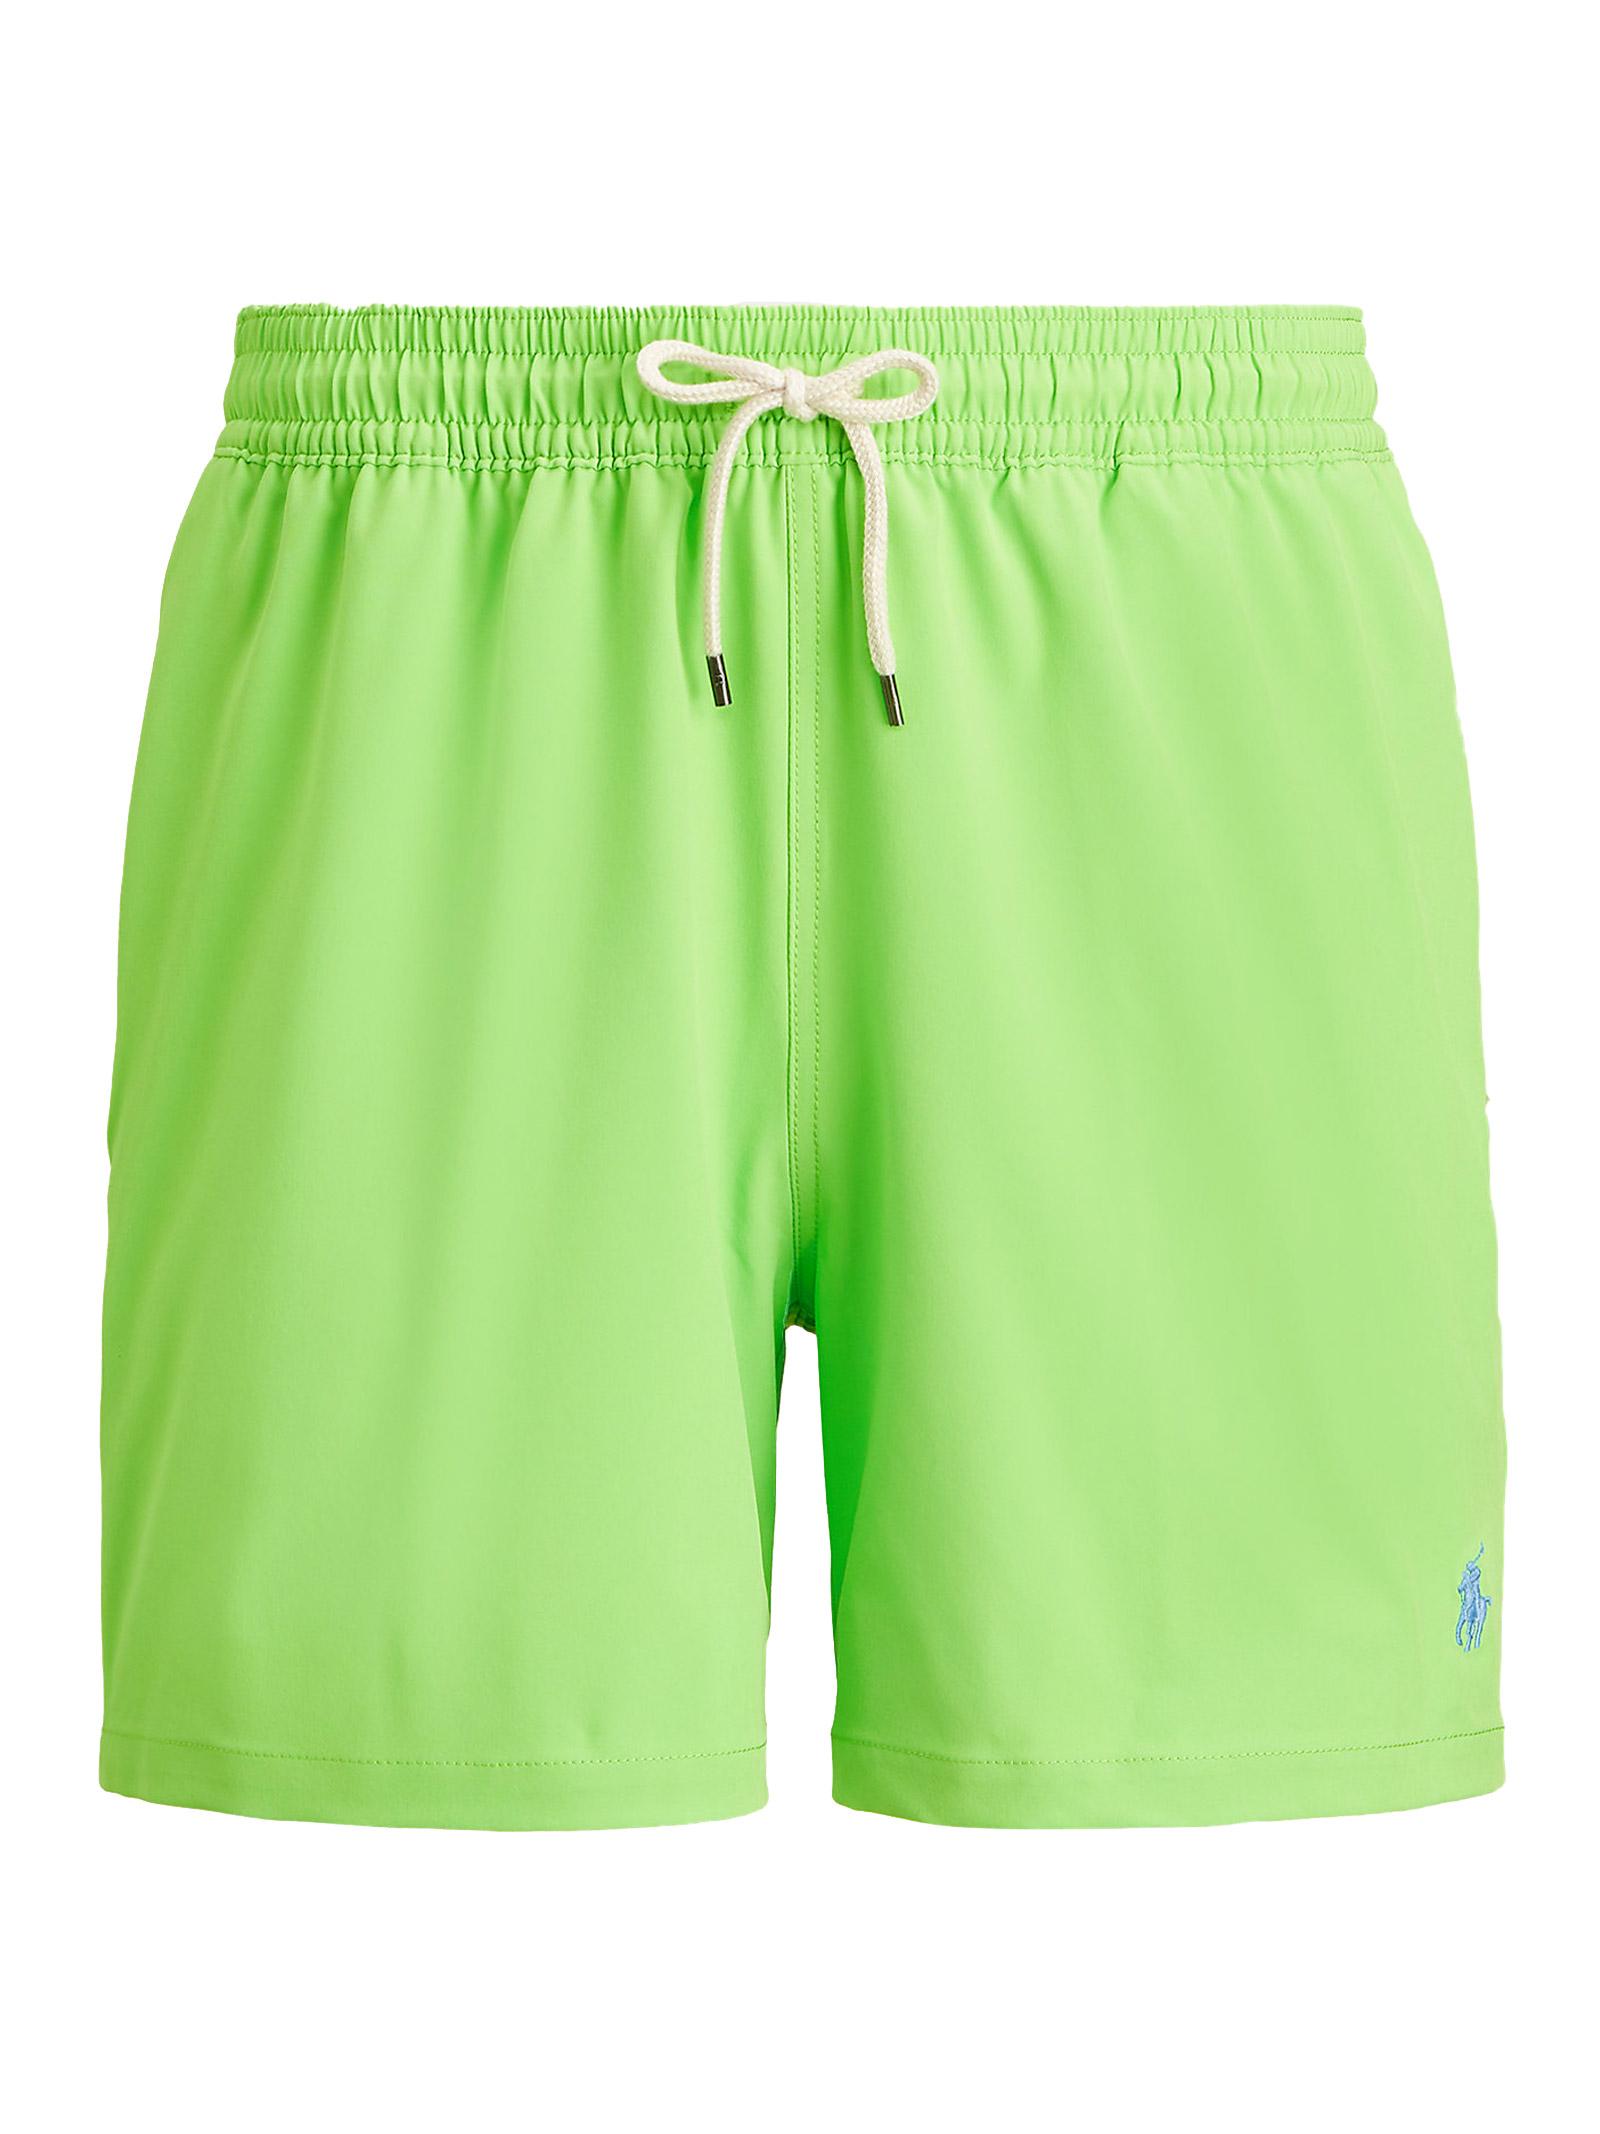 Costume verde RALPH LAUREN | Costume | 710-837404006